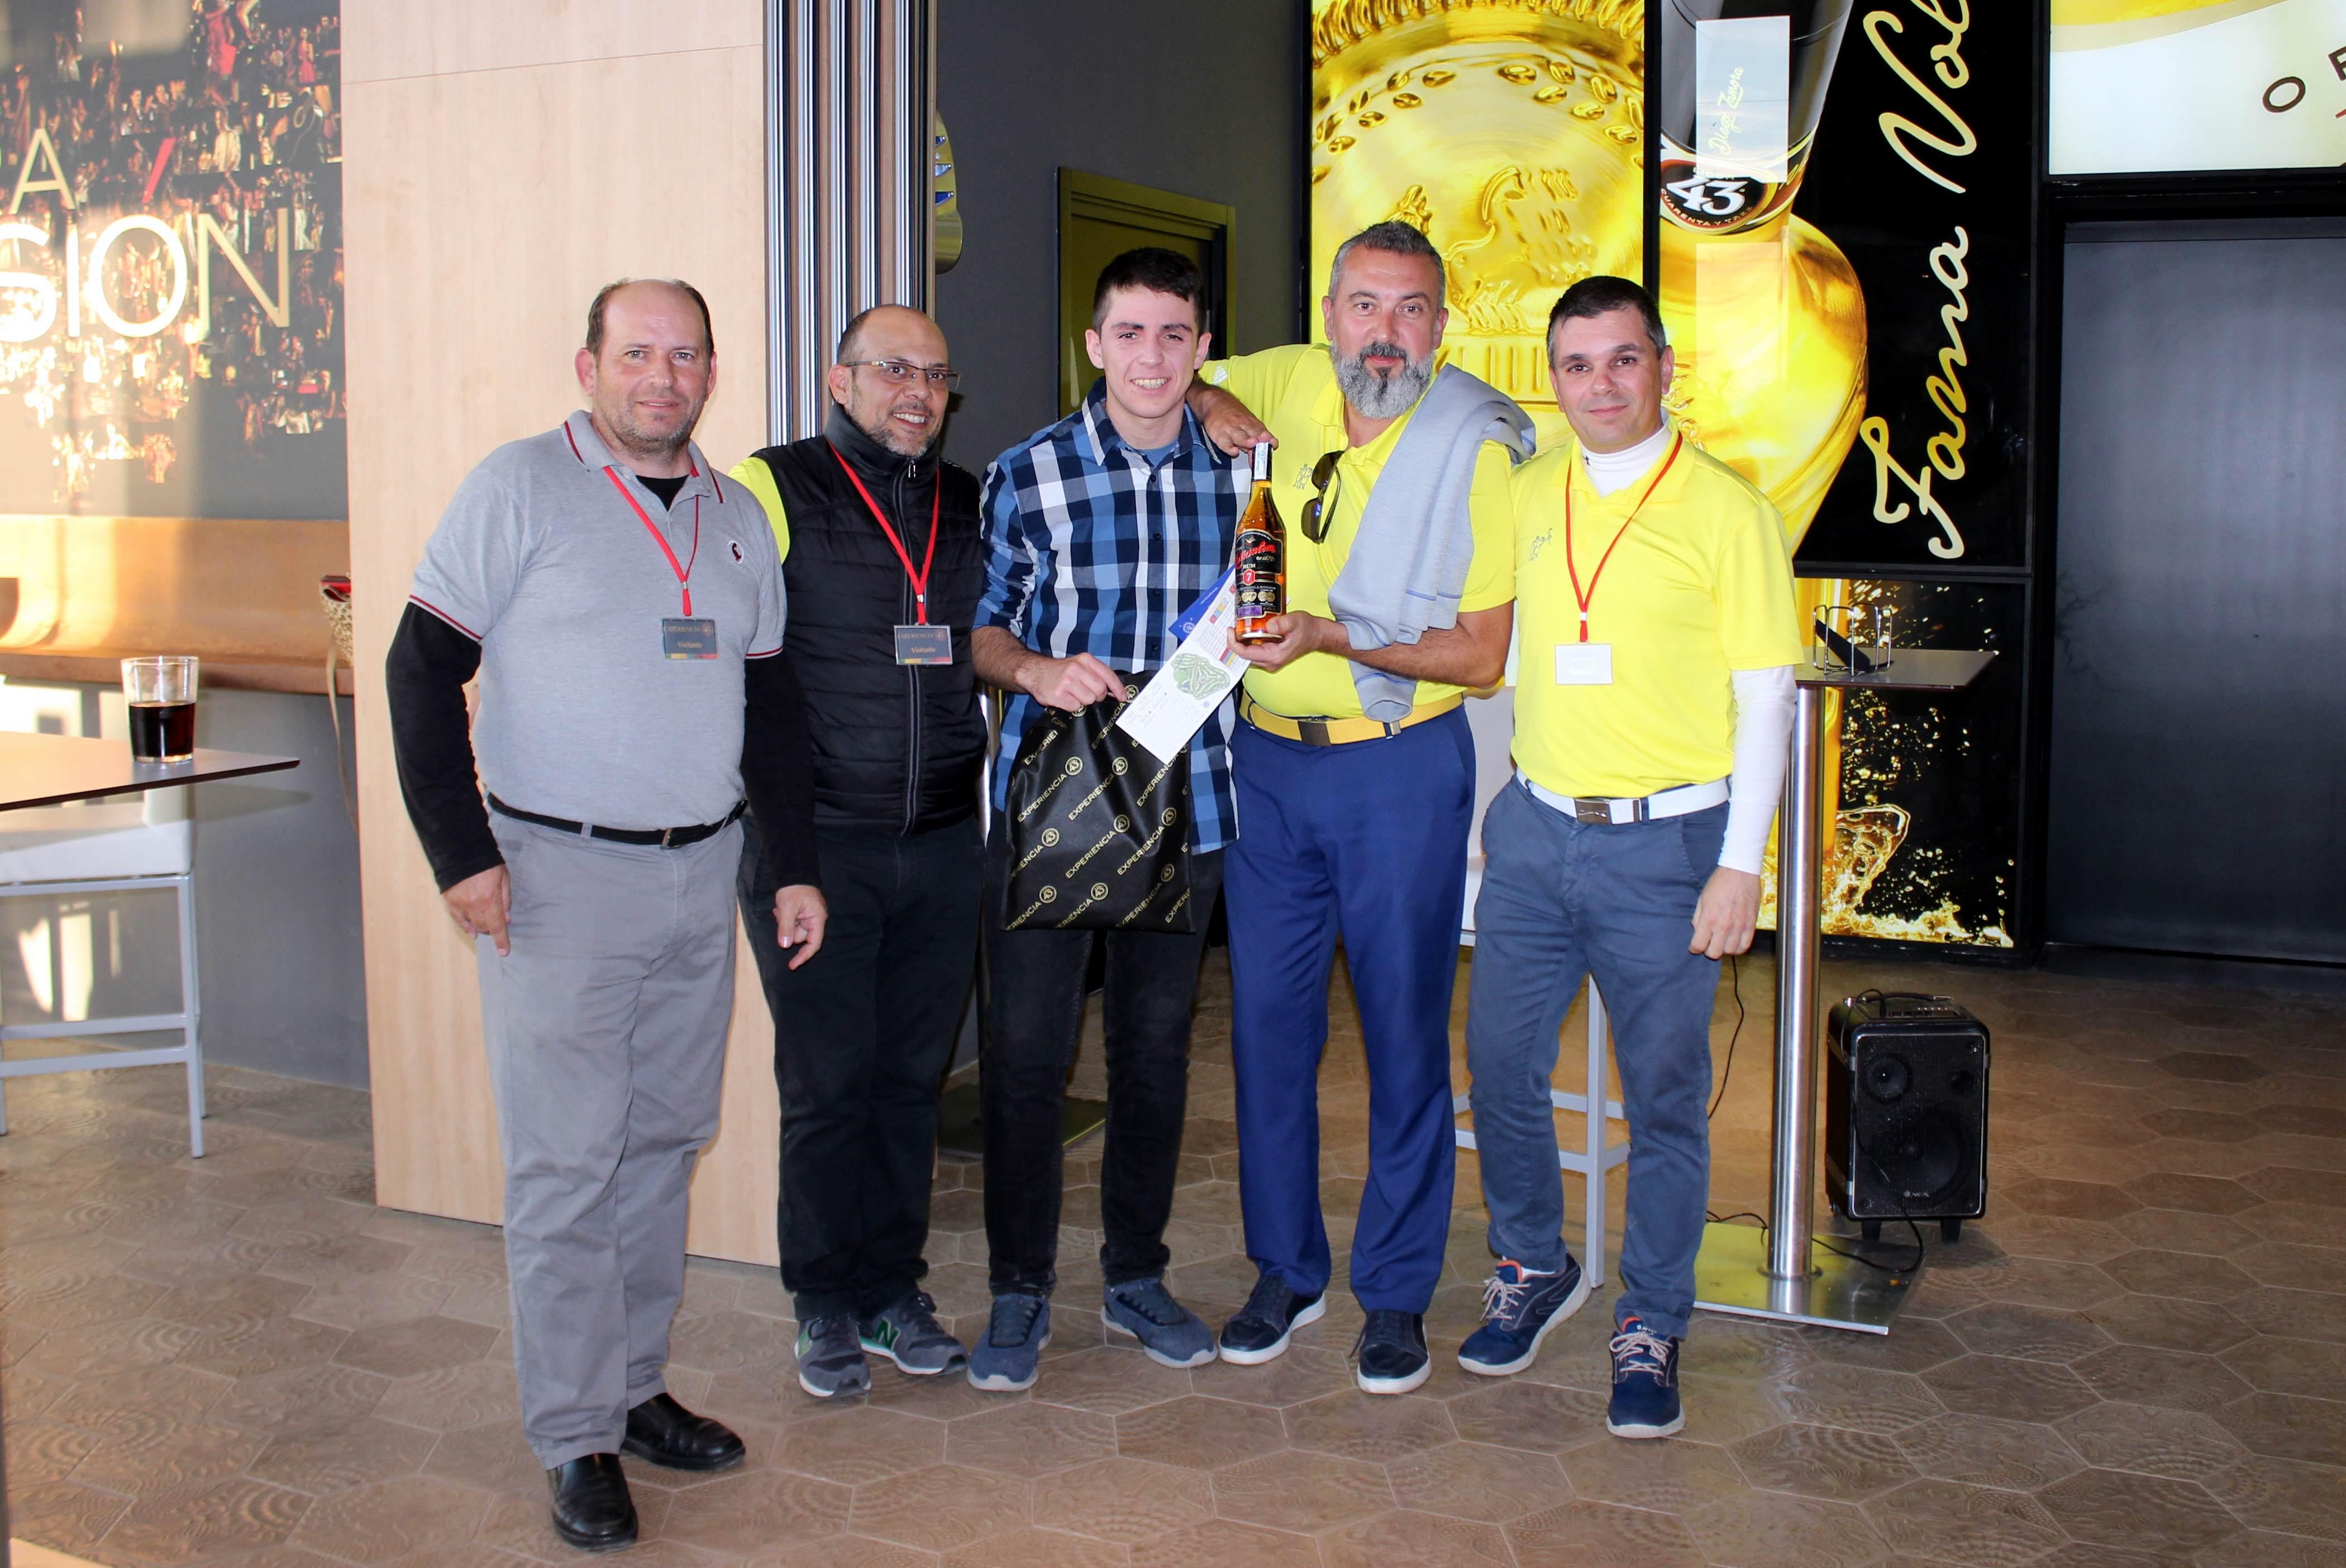 181222 LMN, Premio especial (1)